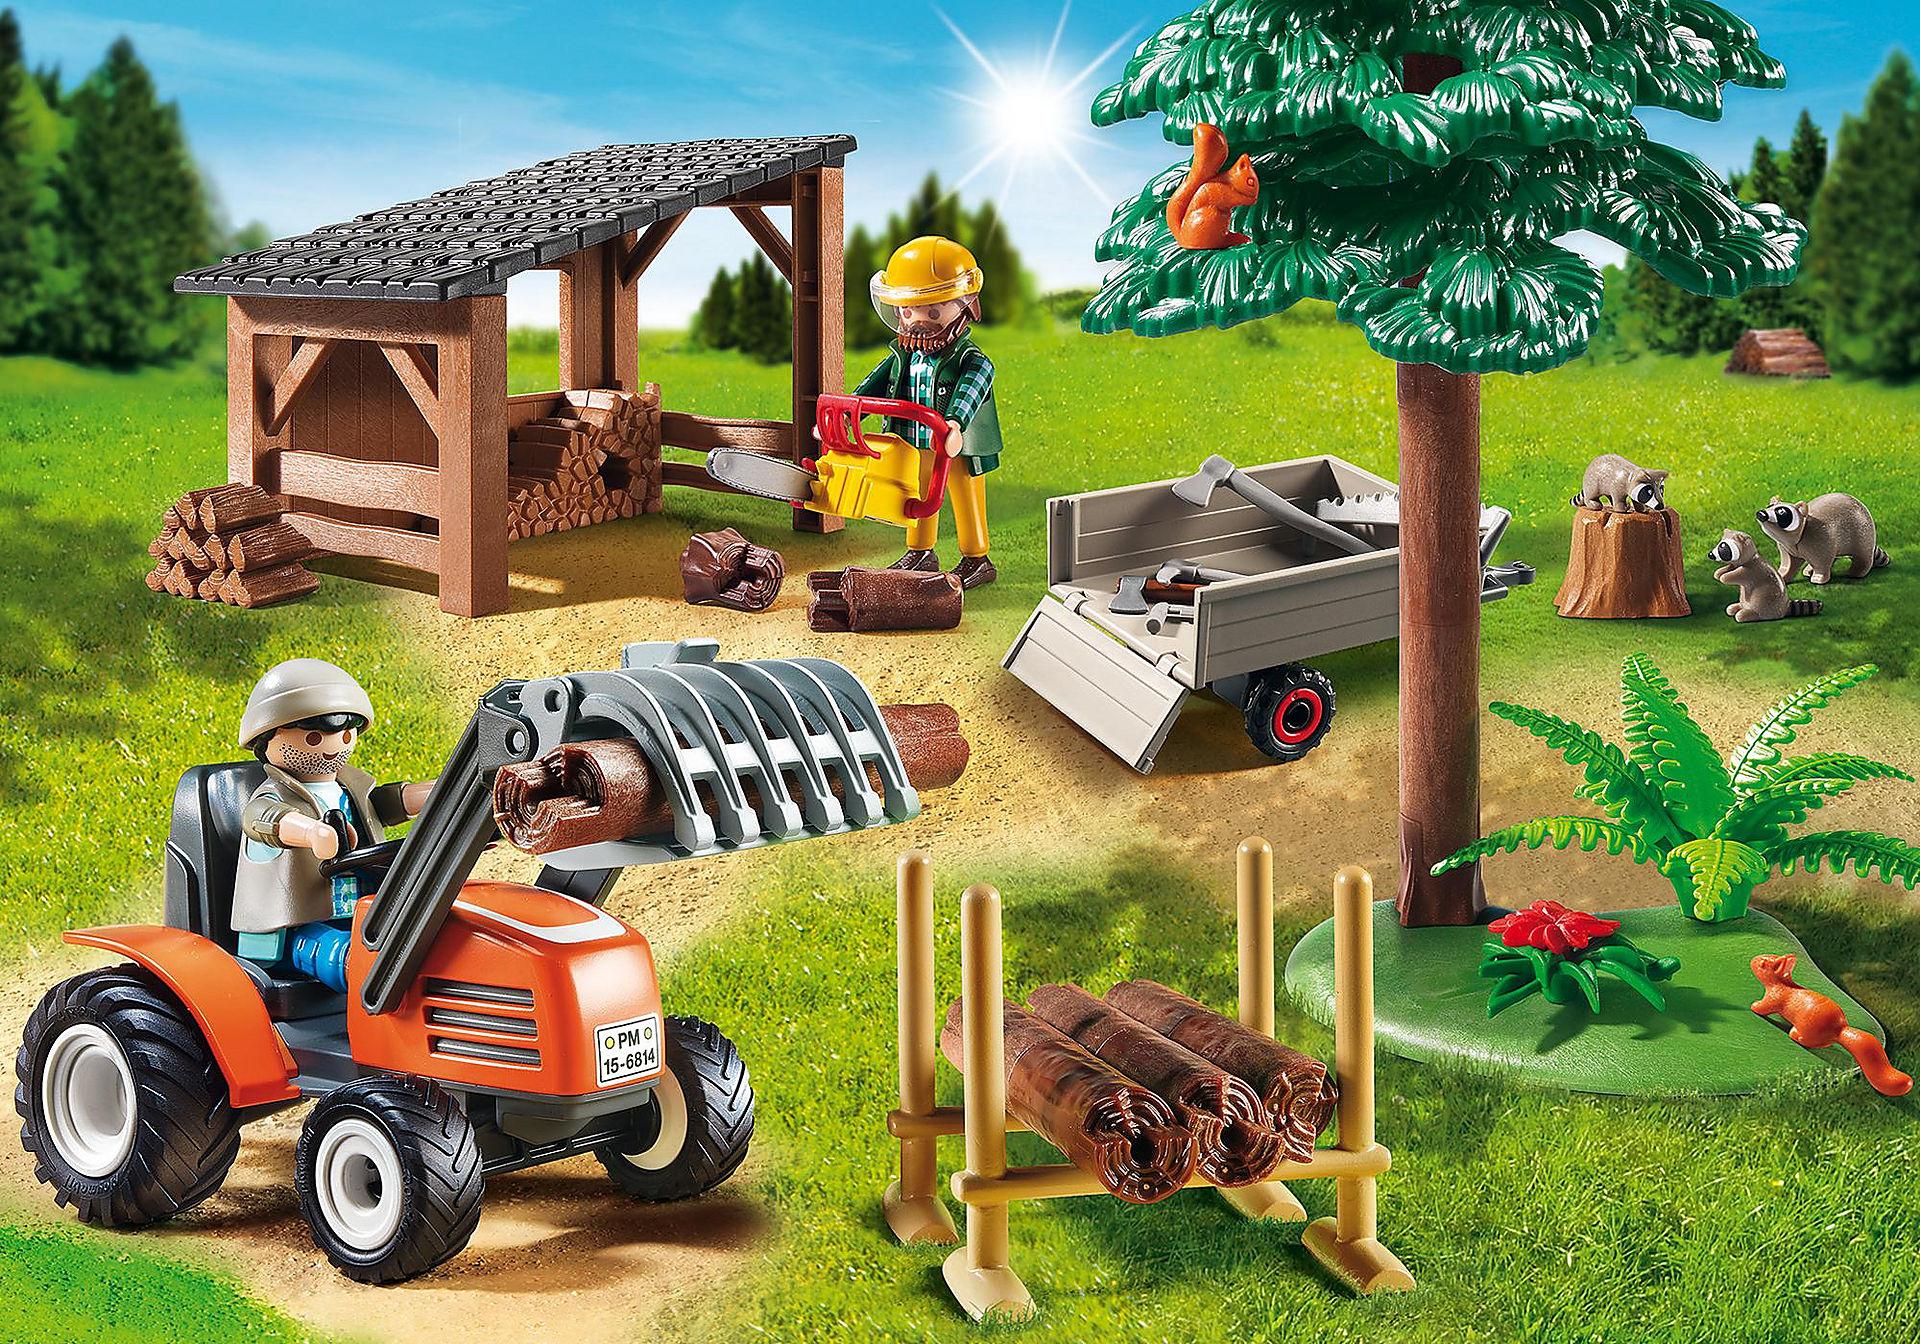 6814 Skogsarbetare med traktor zoom image1